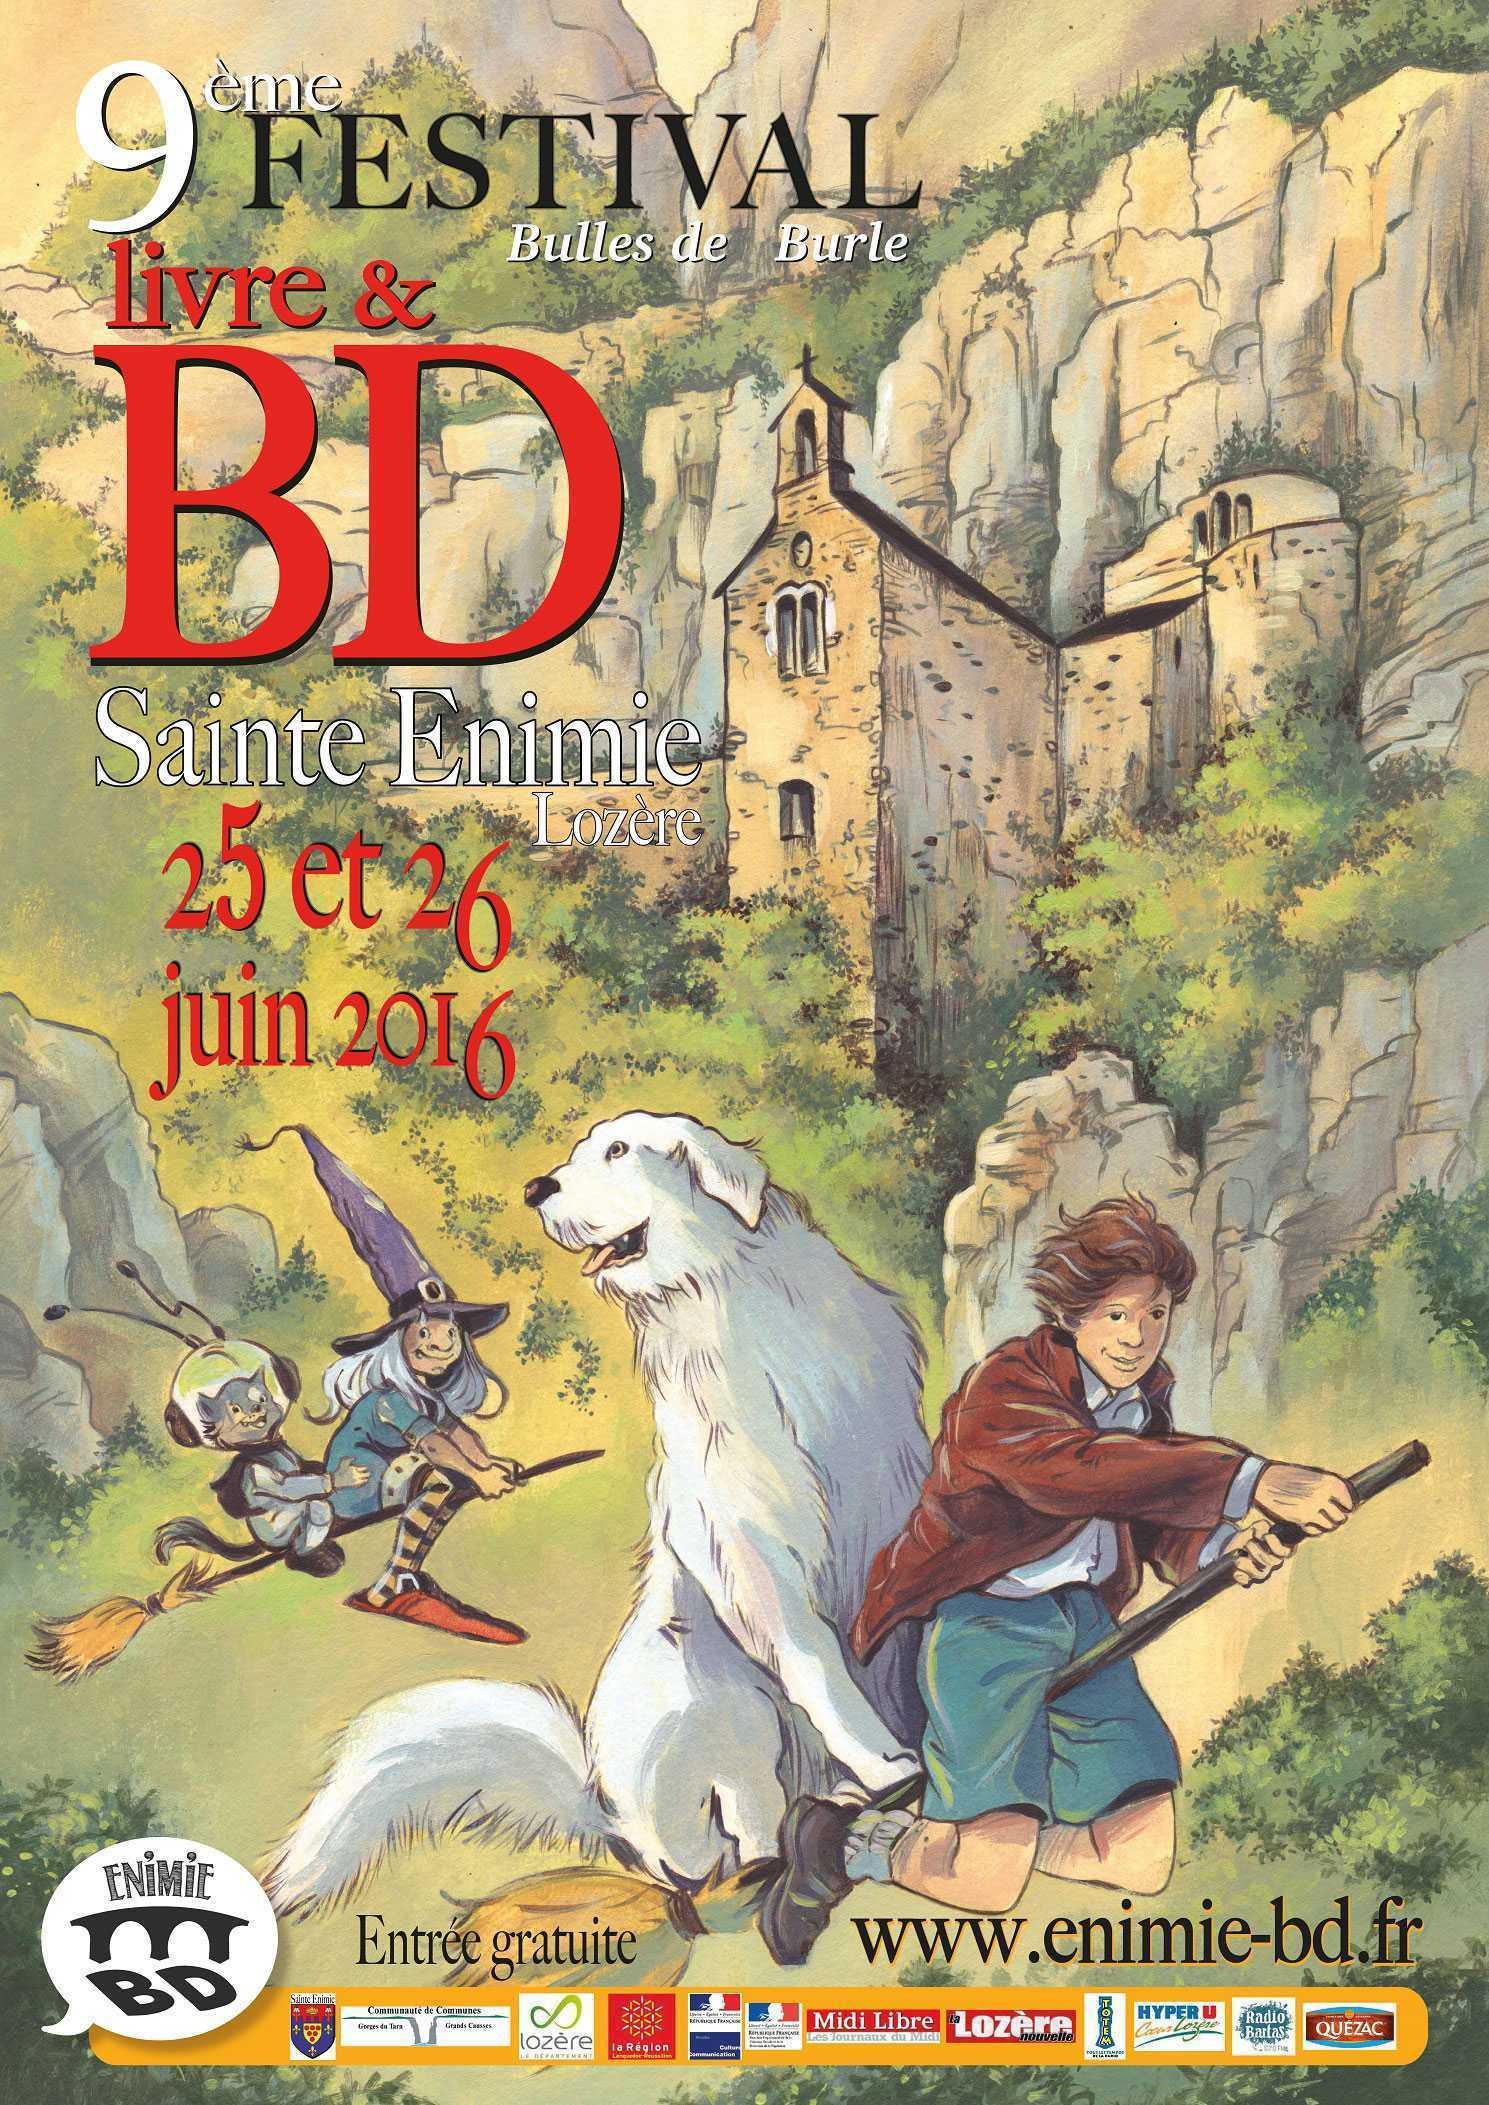 Festival BD 2016 à Sainte-Enimie en Lozère, c'est les 25 et 26 juin